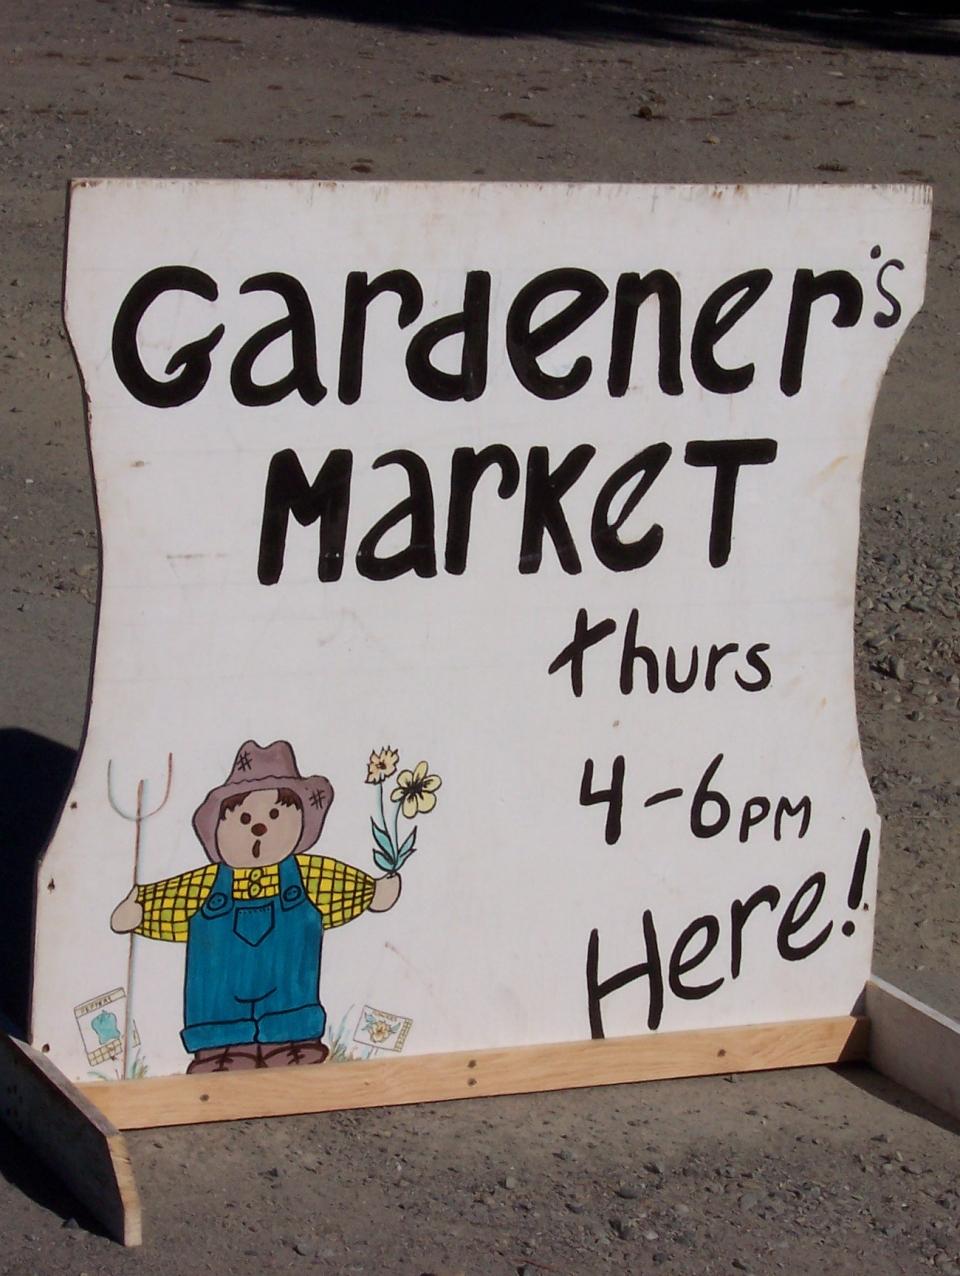 Farmets Market